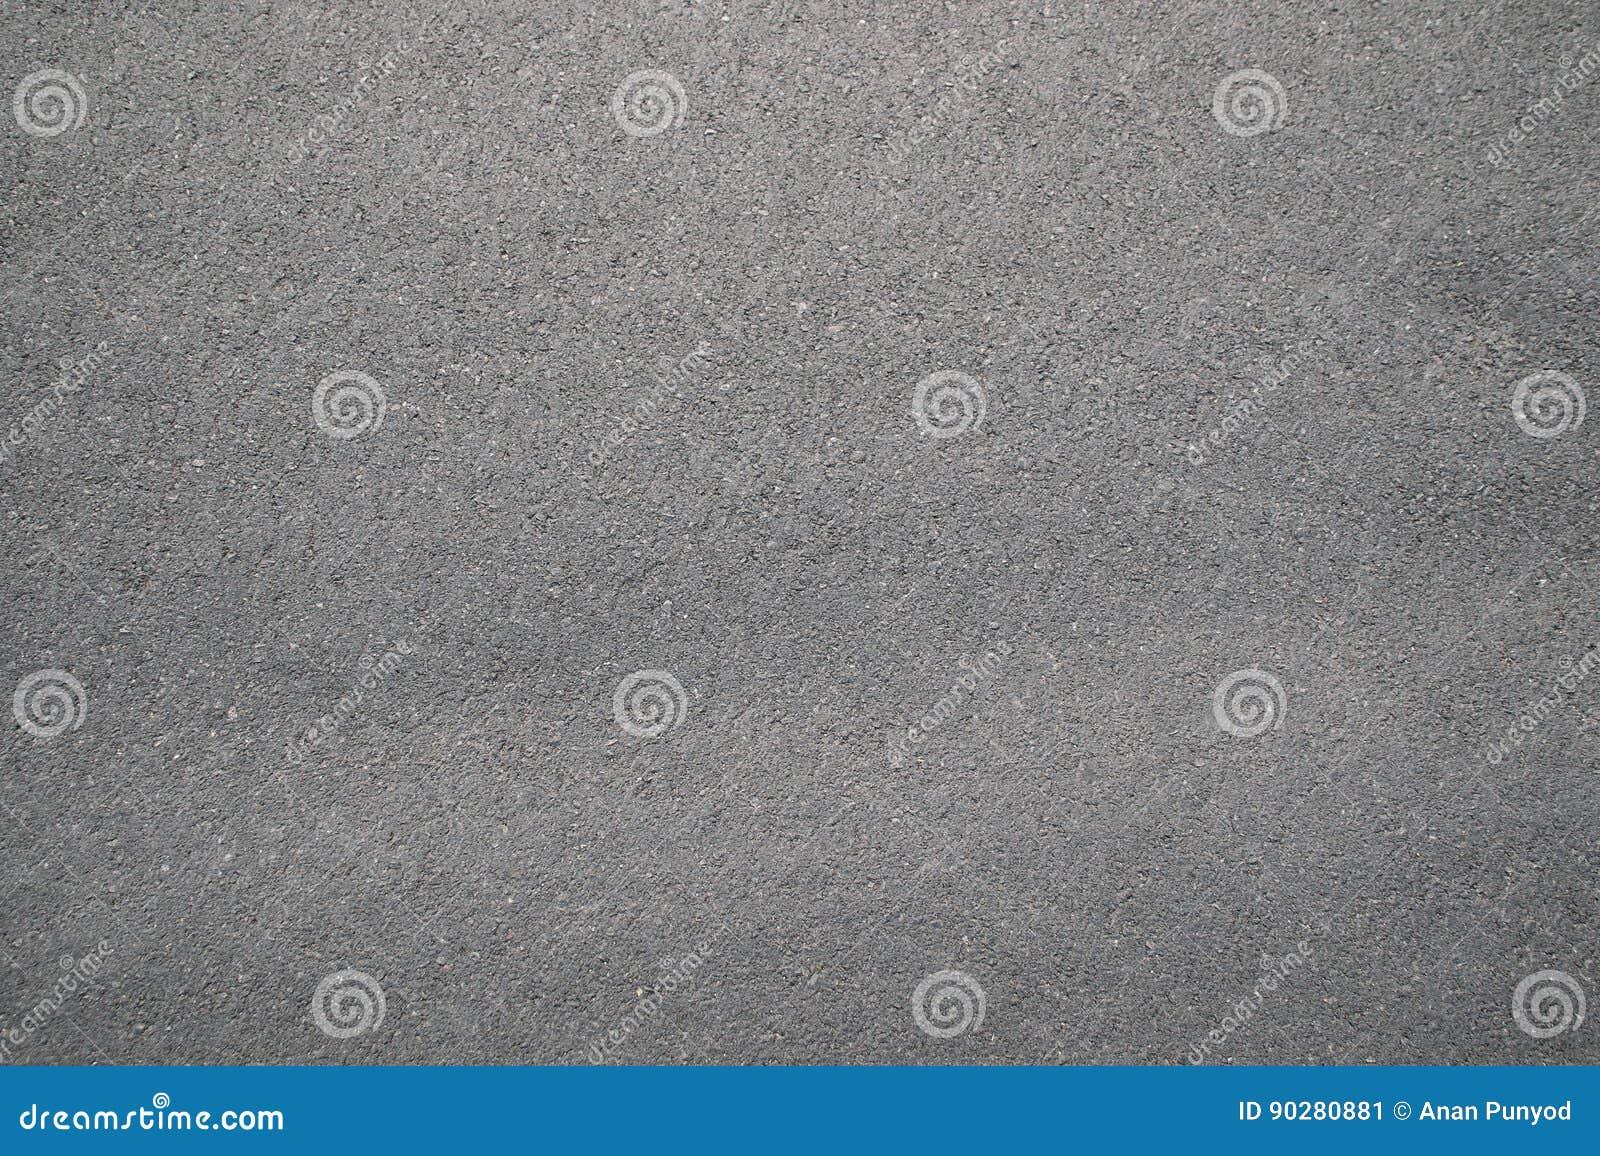 纹理和背景的柏油路地板